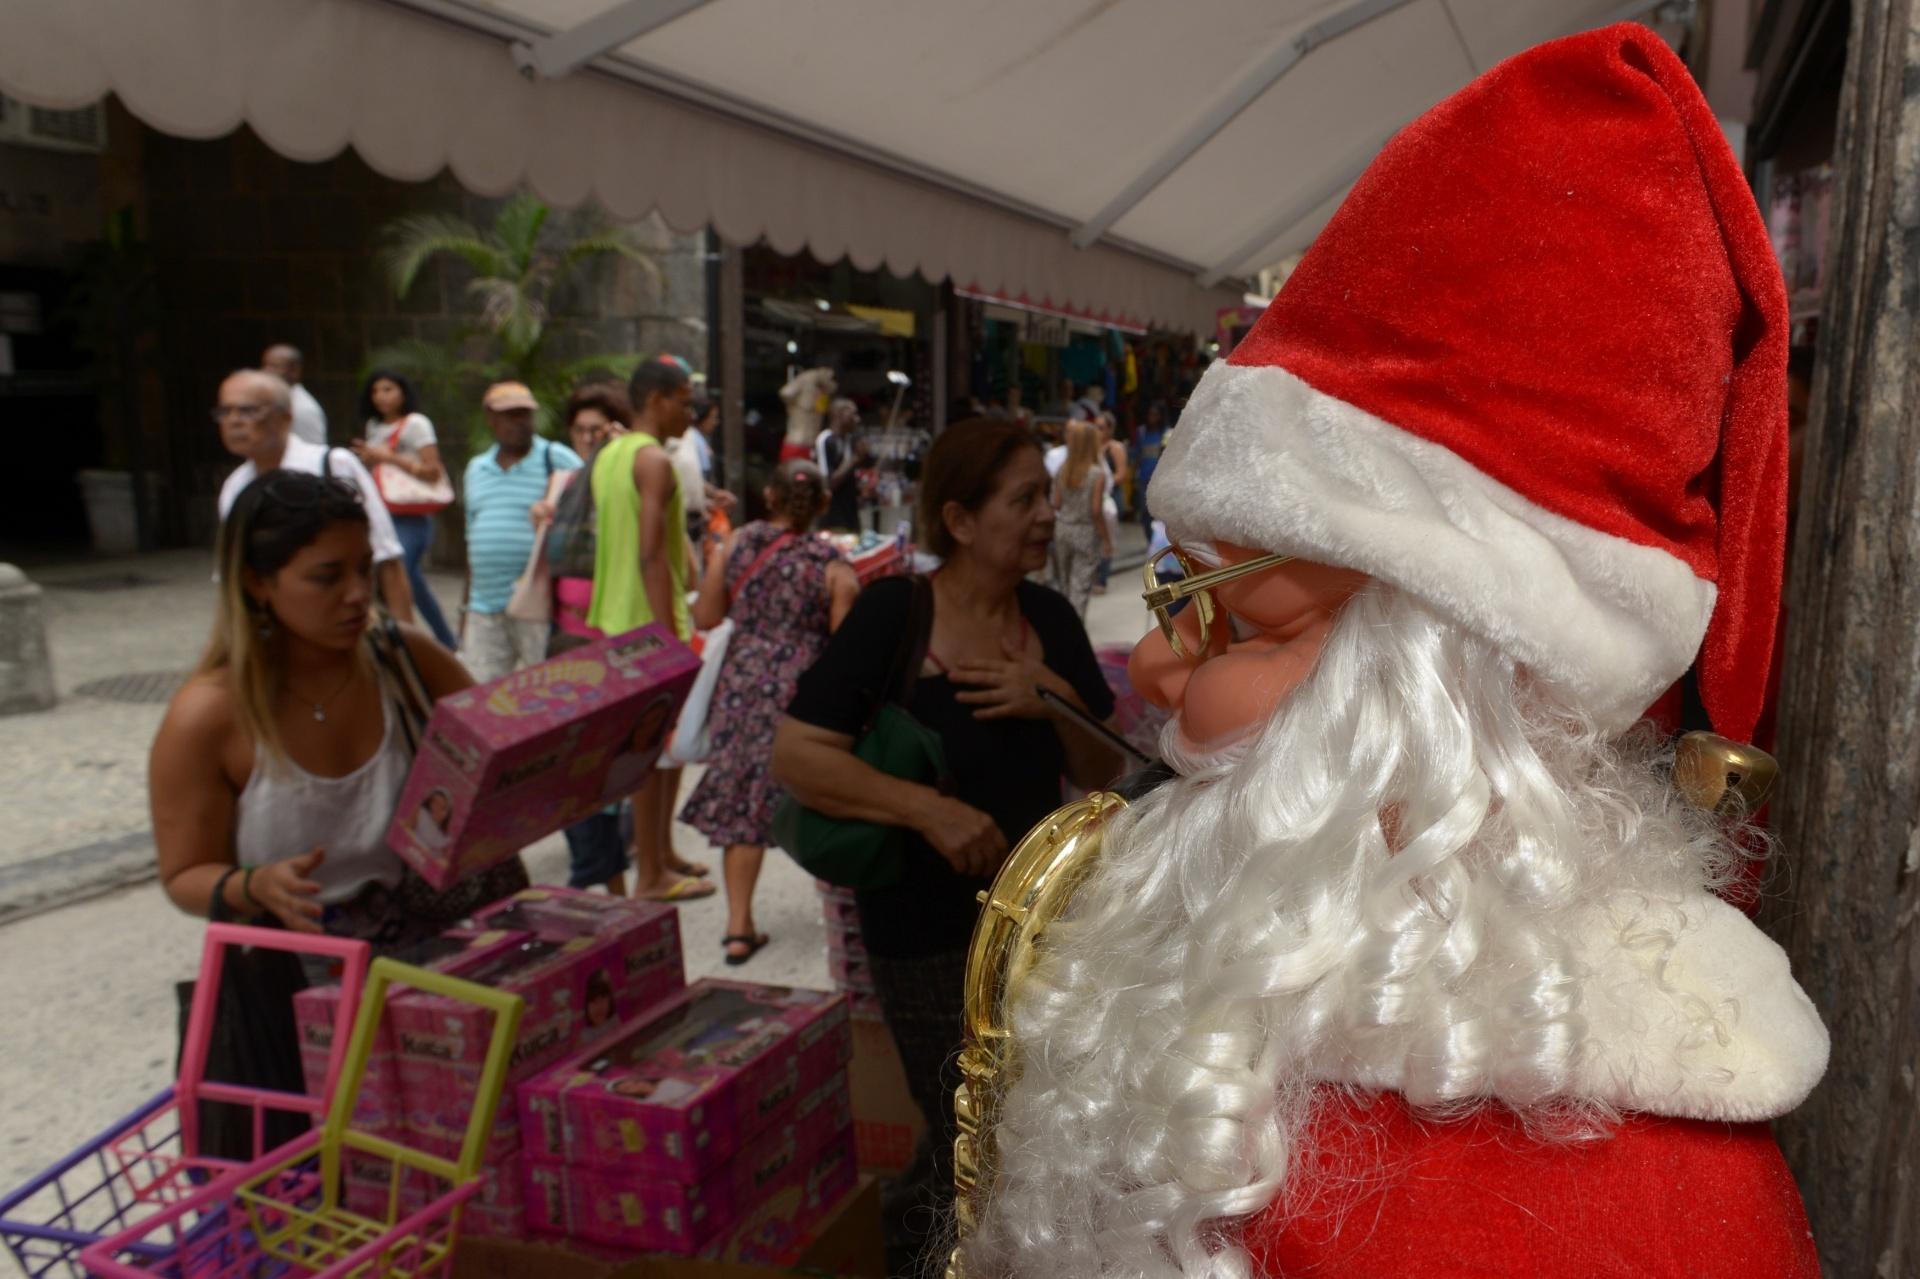 23.dez.2014 - Às vésperas do Natal, a movimentação no Comércio Popular do Saara, no Centro do Rio de Janeiro, foi intensa, em meio à decoração natalina